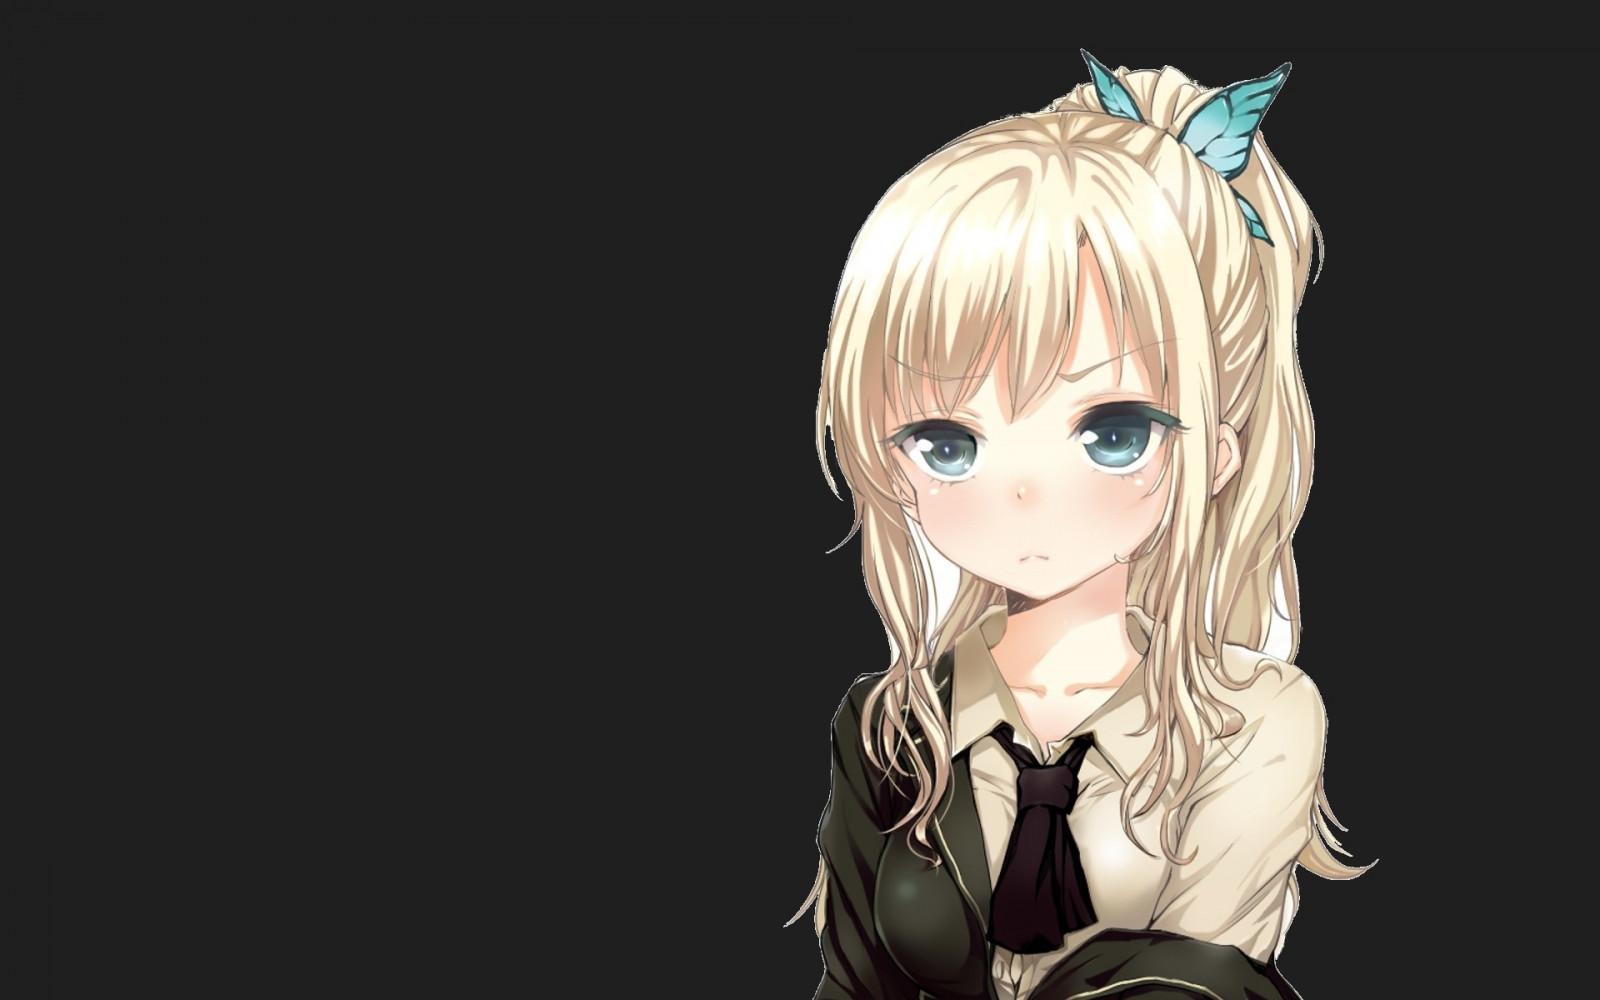 fondos de pantalla anime rubia azul ojos mariposa